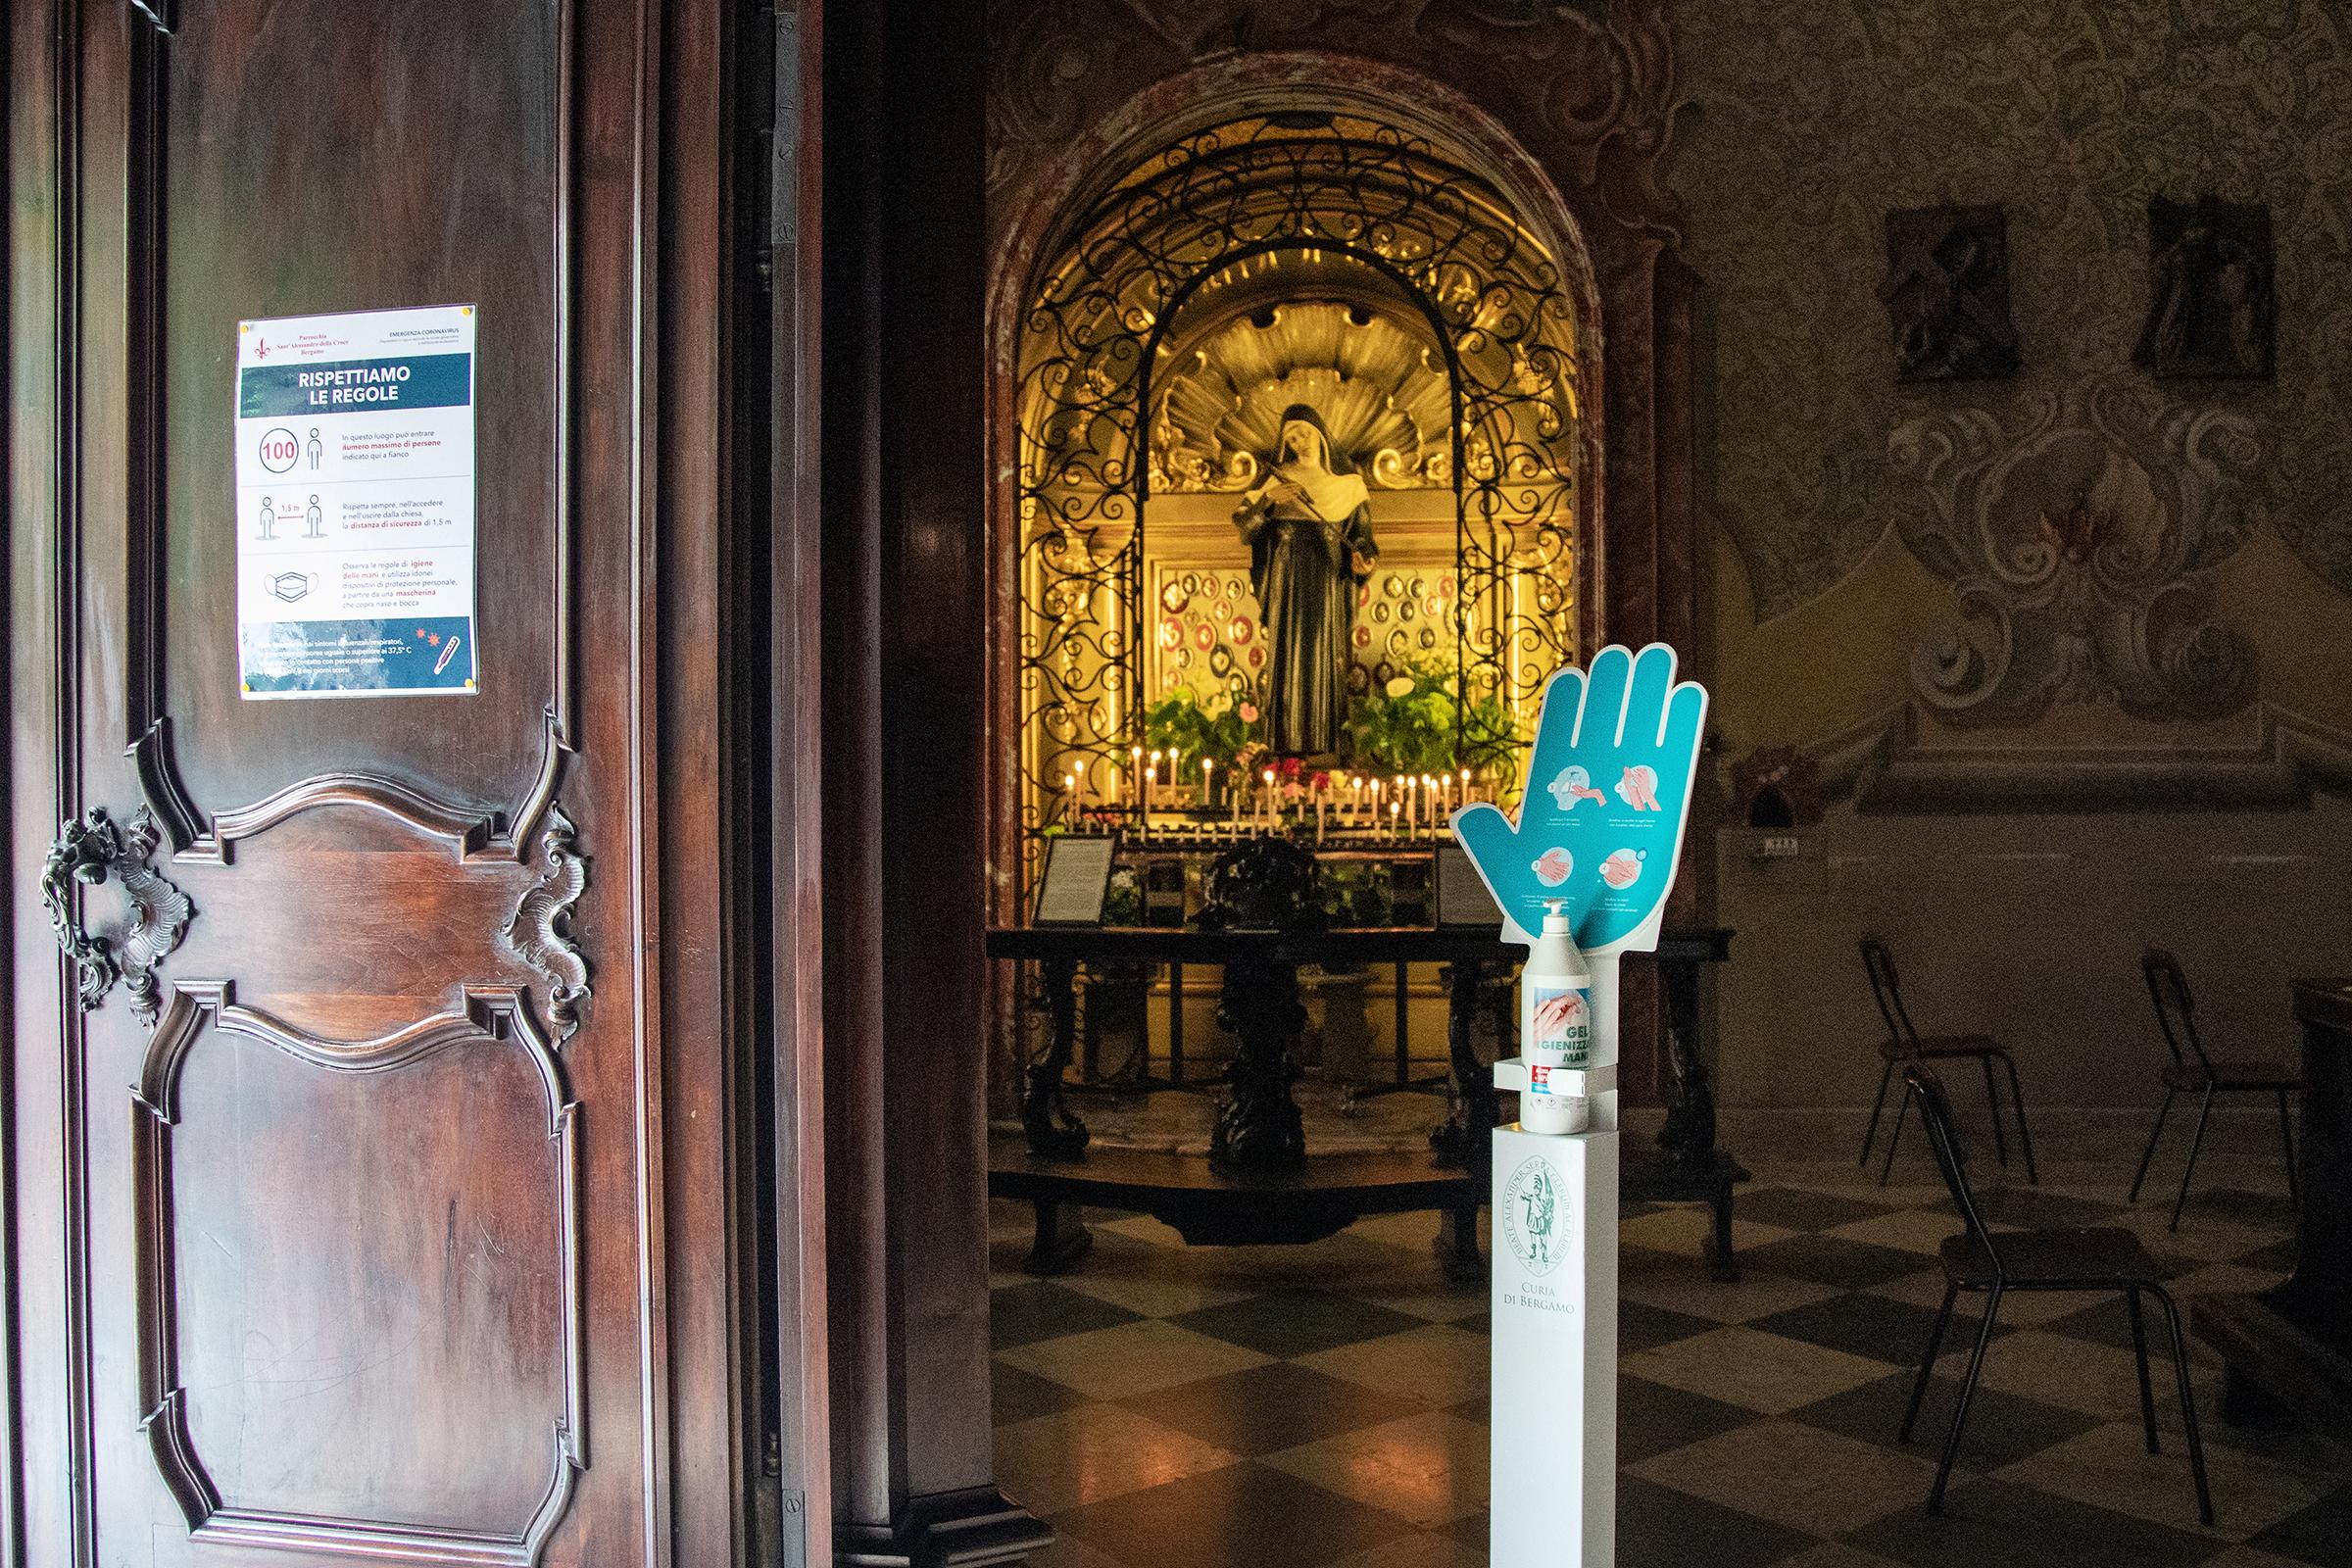 I kirken i Bergamo møtes vi av en hånd. Det er ikke noe hellig over den. Men som vi har lært dette året, det kan være livsviktig å følge dens instruksjoner.  Man må sprite hendene før man går inn.